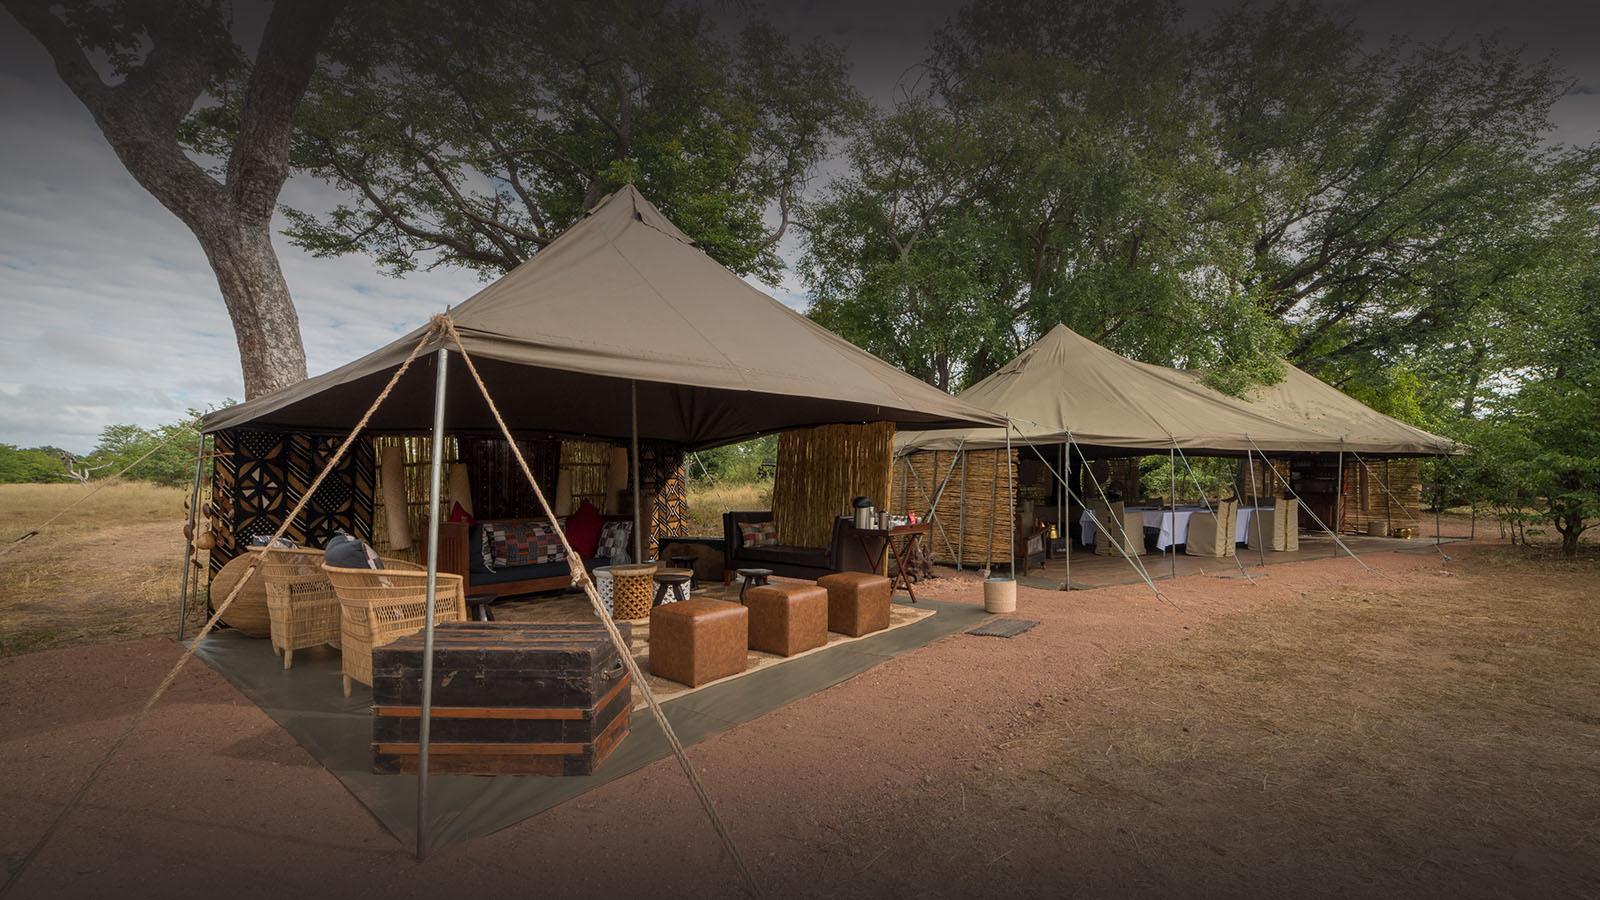 hwange bush camp hwange-national-park-zimbabwe-lodges-accommodation-authentic-camps-main-tents